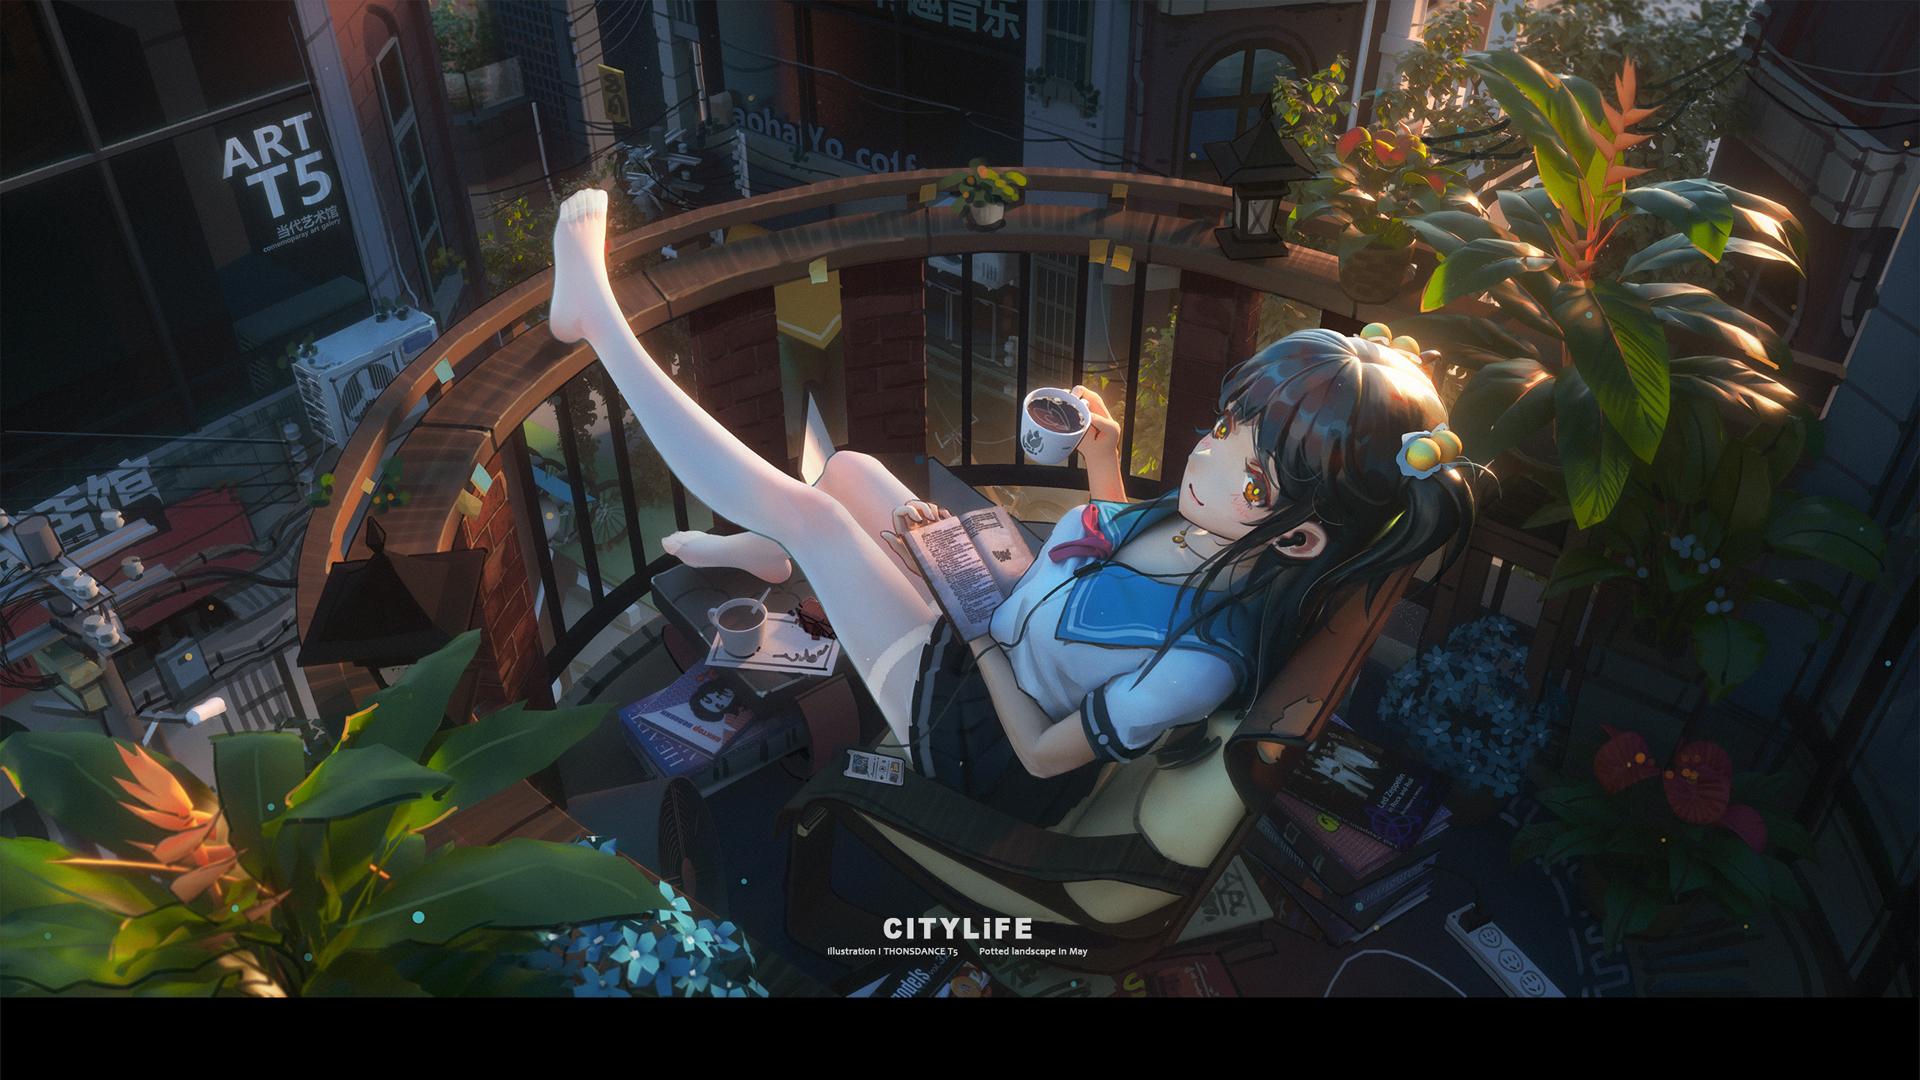 城市 阳台 女孩子 水手服 白裤袜 看书 咖啡 2k动漫壁纸